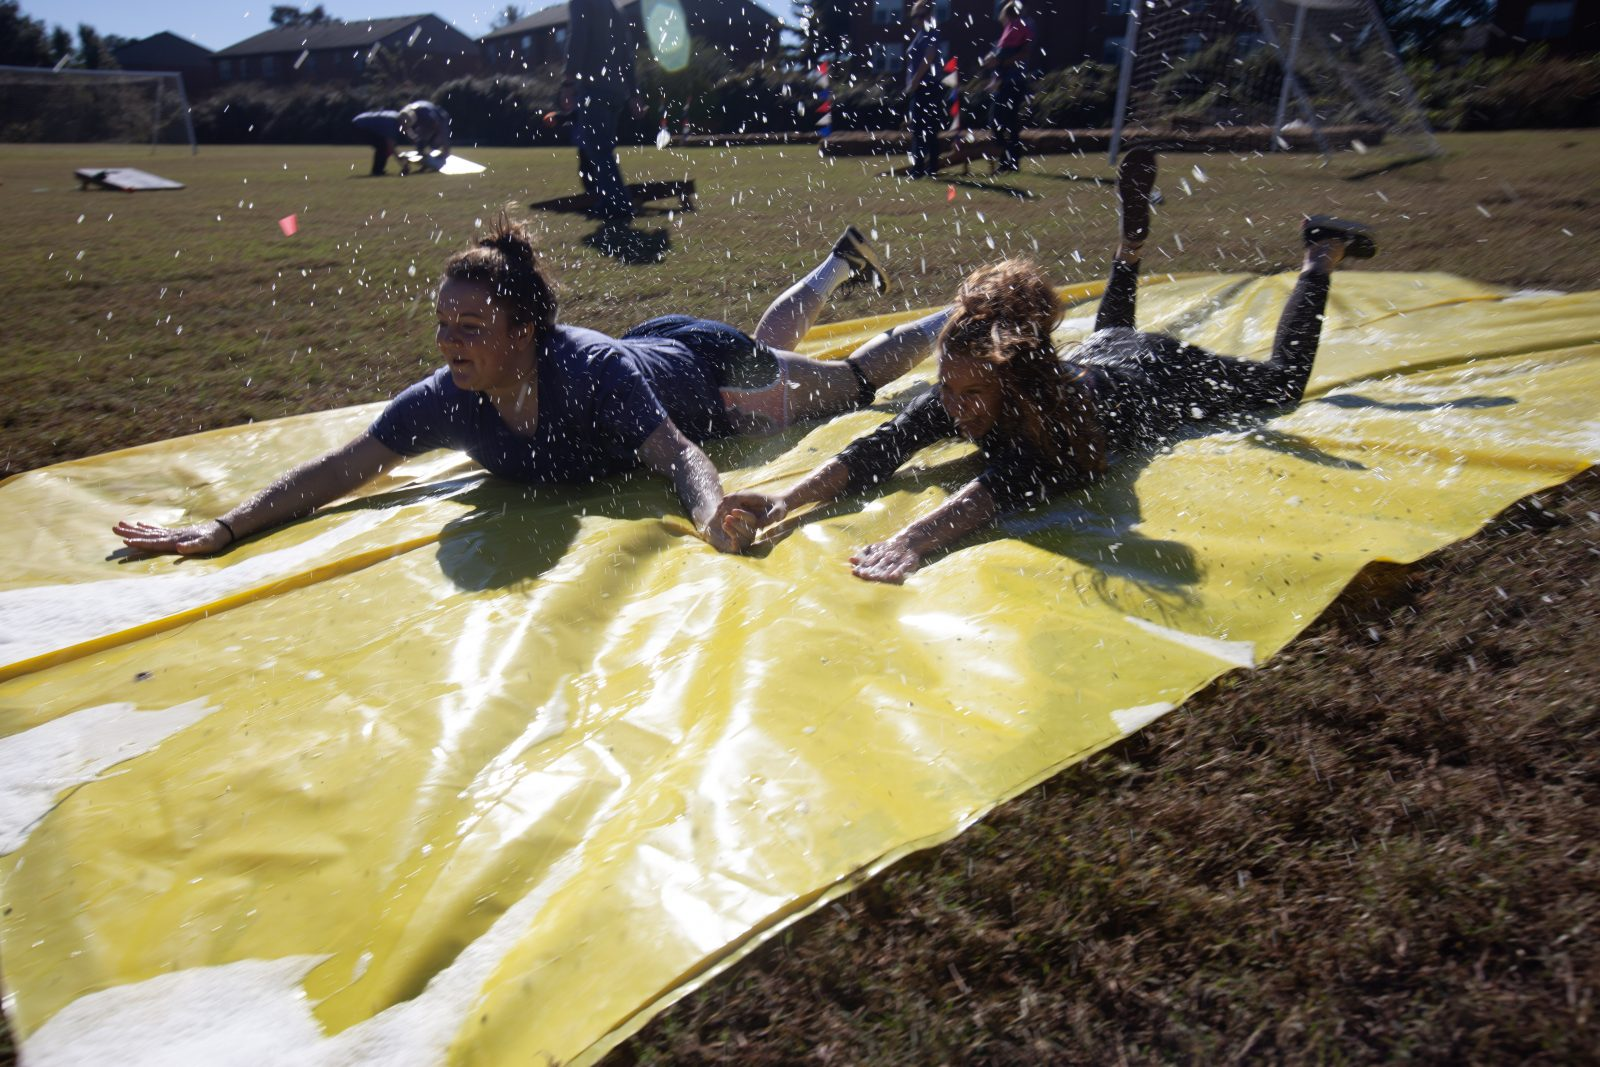 Slime Time Fall Festival